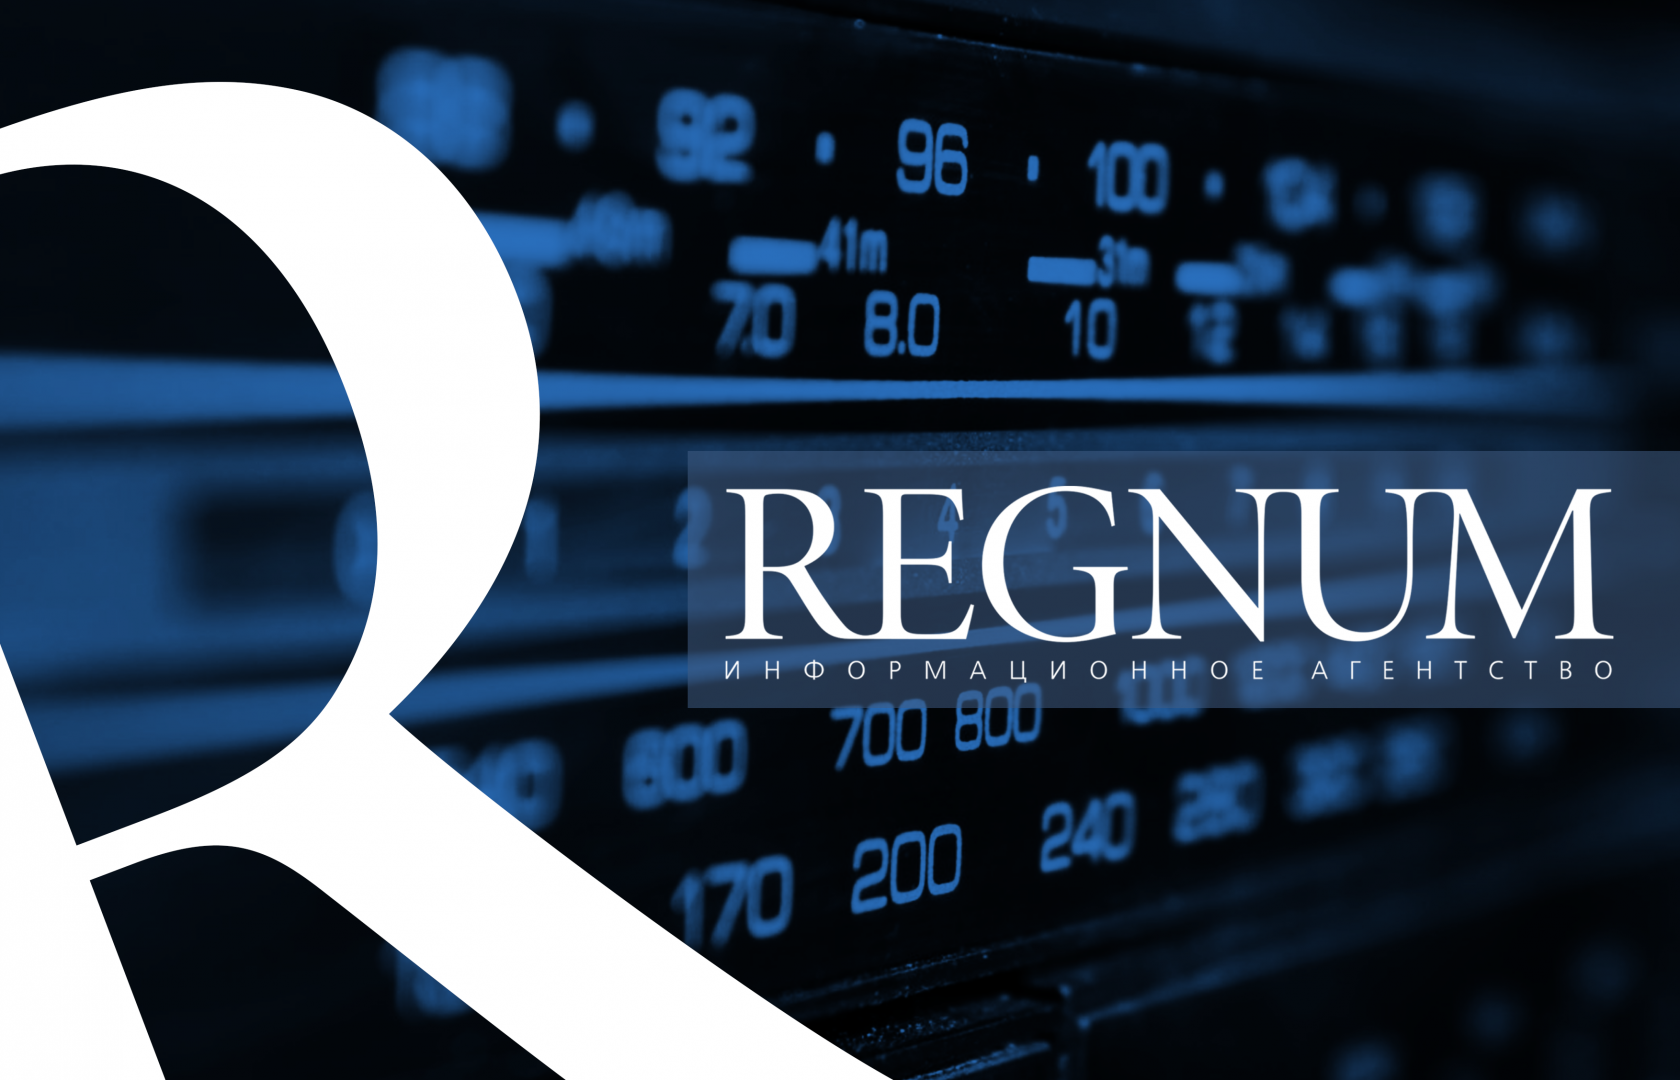 Радио REGNUM